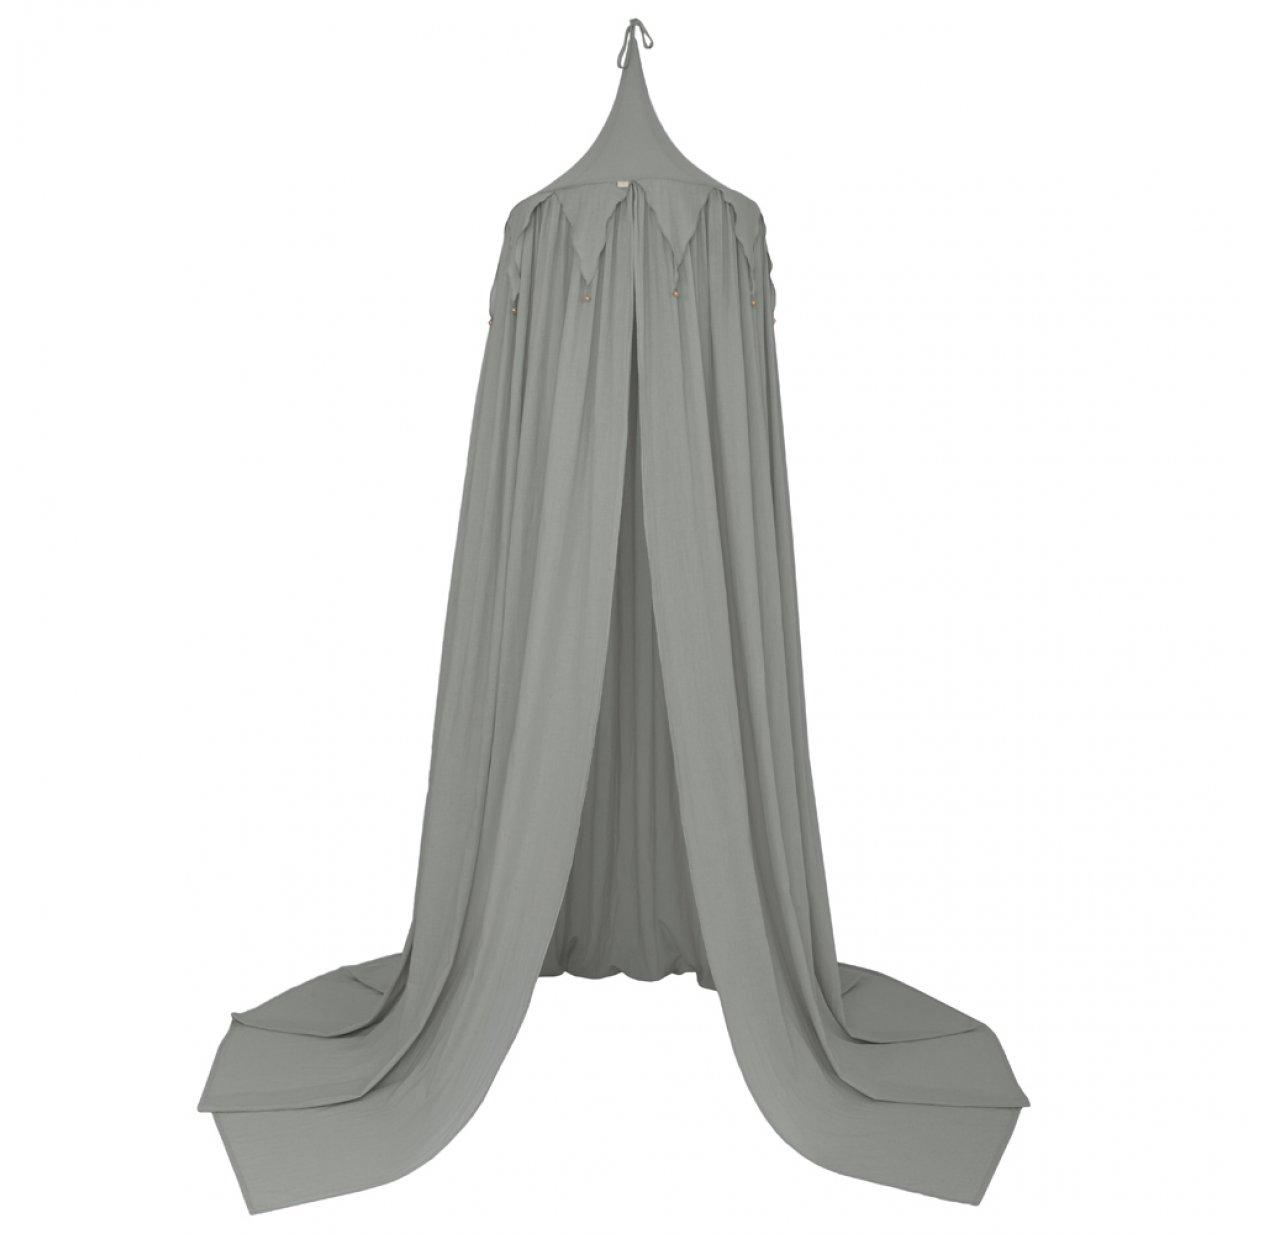 ciel de lit circus silver grey gris argent num ro 74 pour chambre enfant les enfants du design. Black Bedroom Furniture Sets. Home Design Ideas